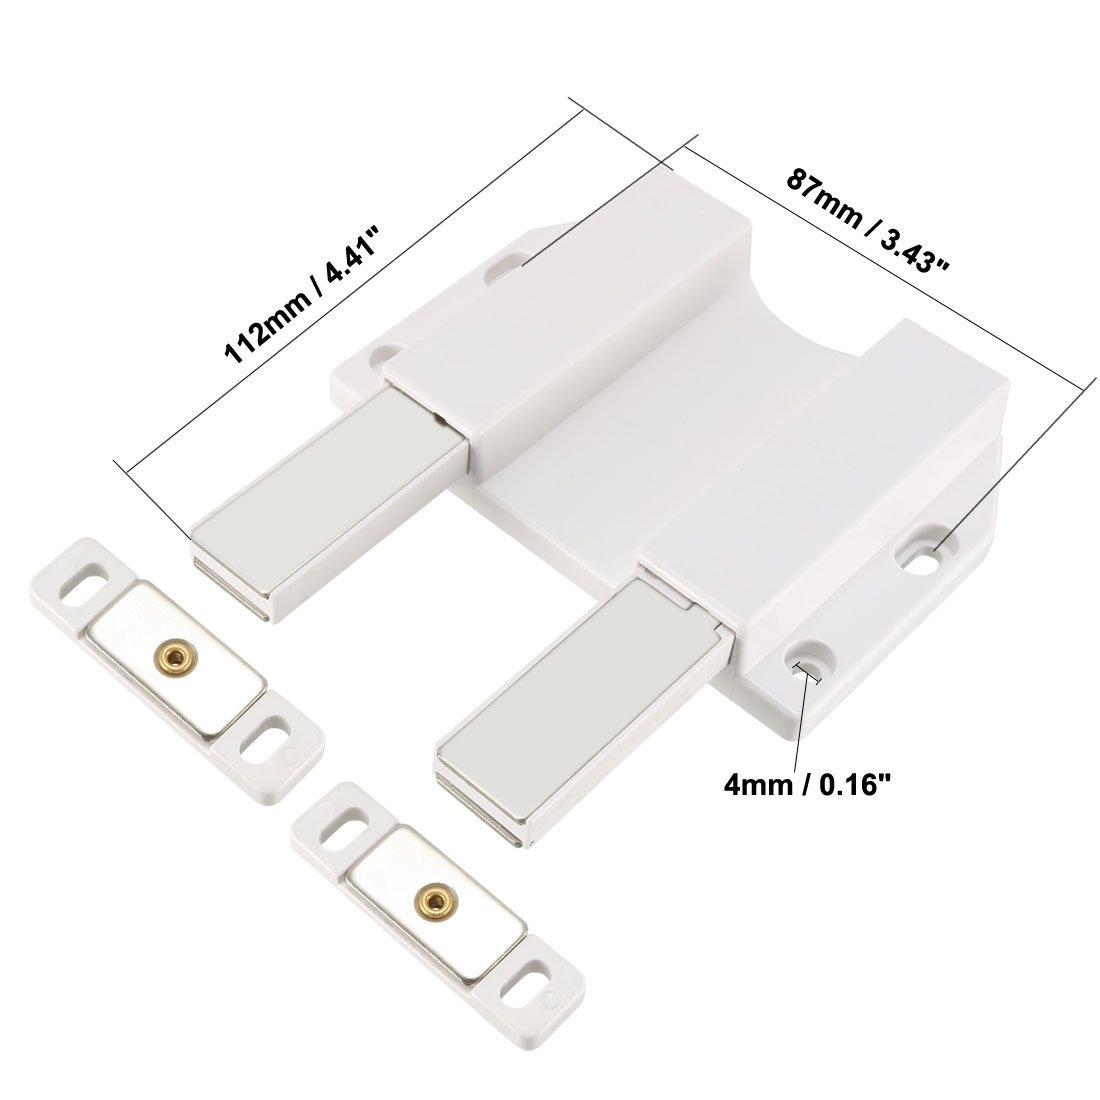 sourcing map 5-8mm Porte en verre /à fermeture magn/étique avec fermeture /à loquet Blanc avec pince